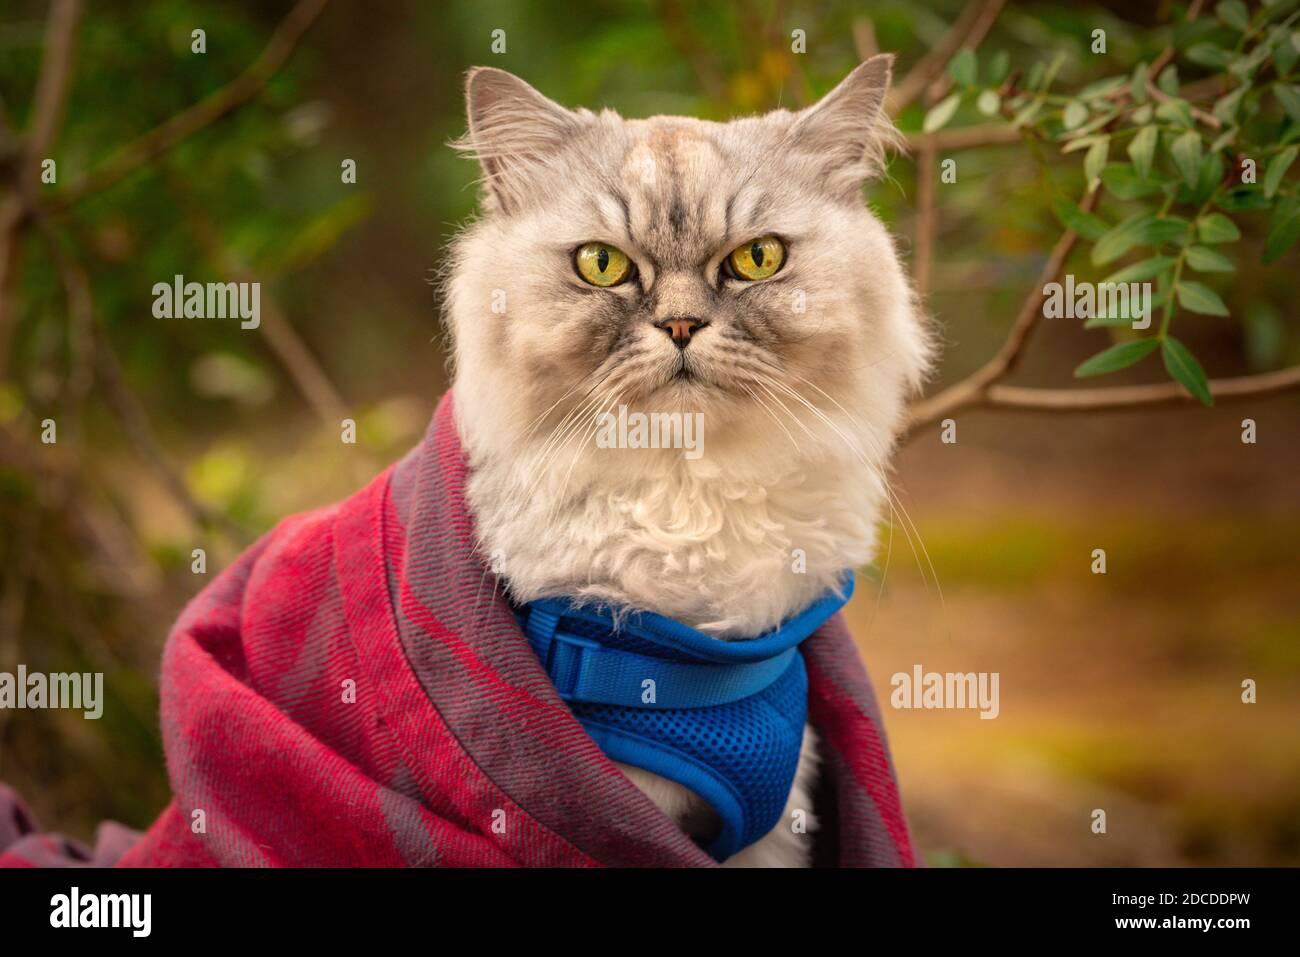 Gato divertido con arnés azul y manta sentado fuera en el bosque. Foto de stock